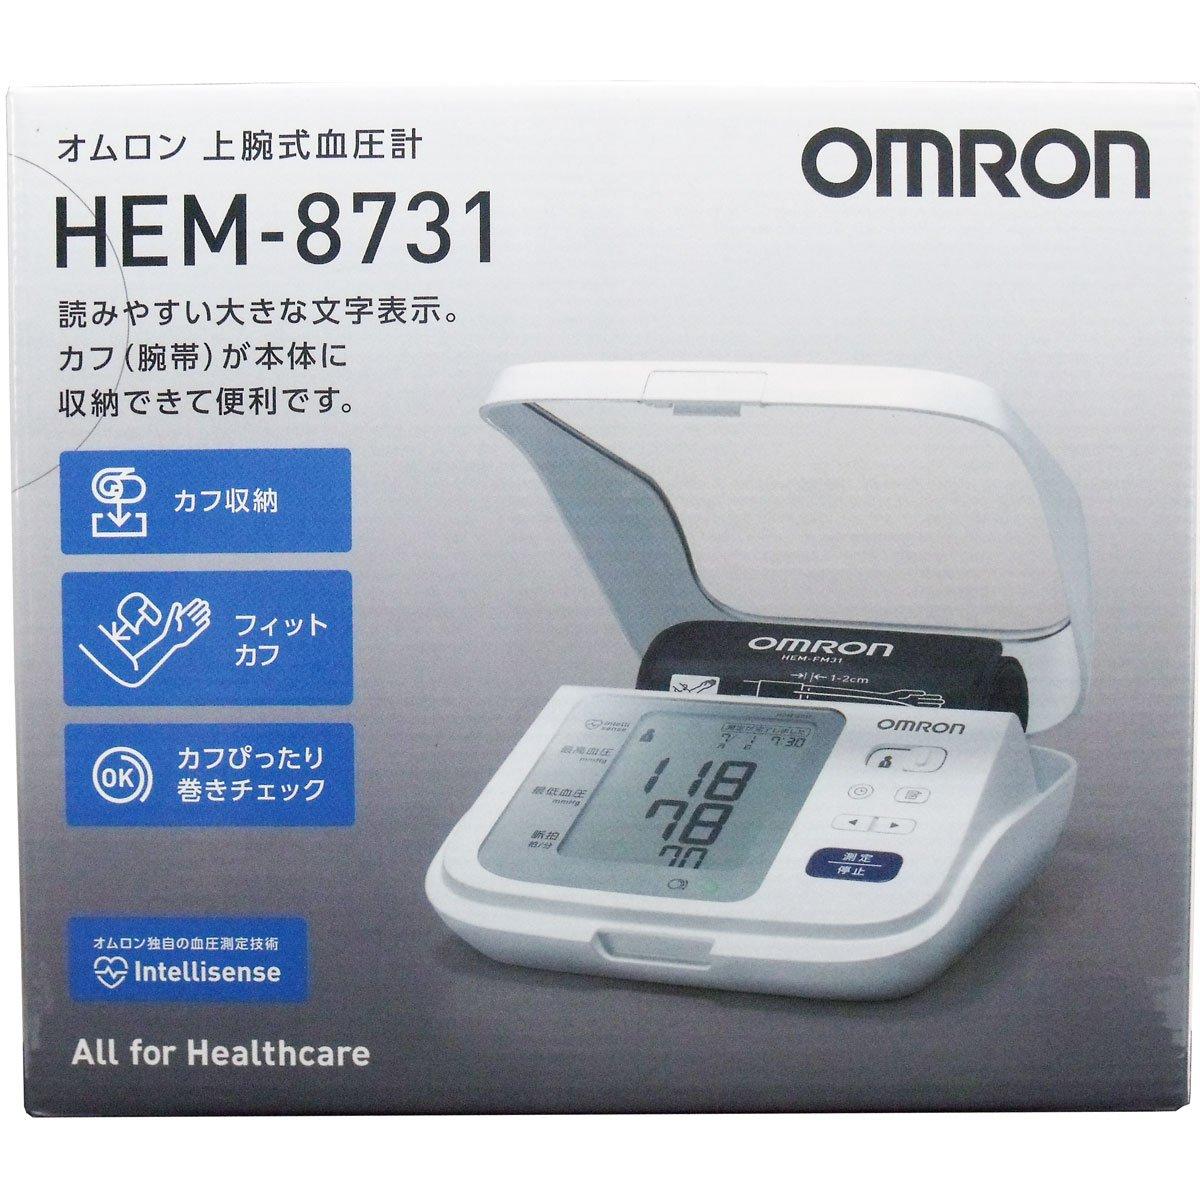 オムロン 血圧計 HEM-8731 【オムロンヘルスケア】 【血圧計】 B016UPDD7A, NetBabyWorld(ネットベビー):f5f057e4 --- mcafeestore.jp